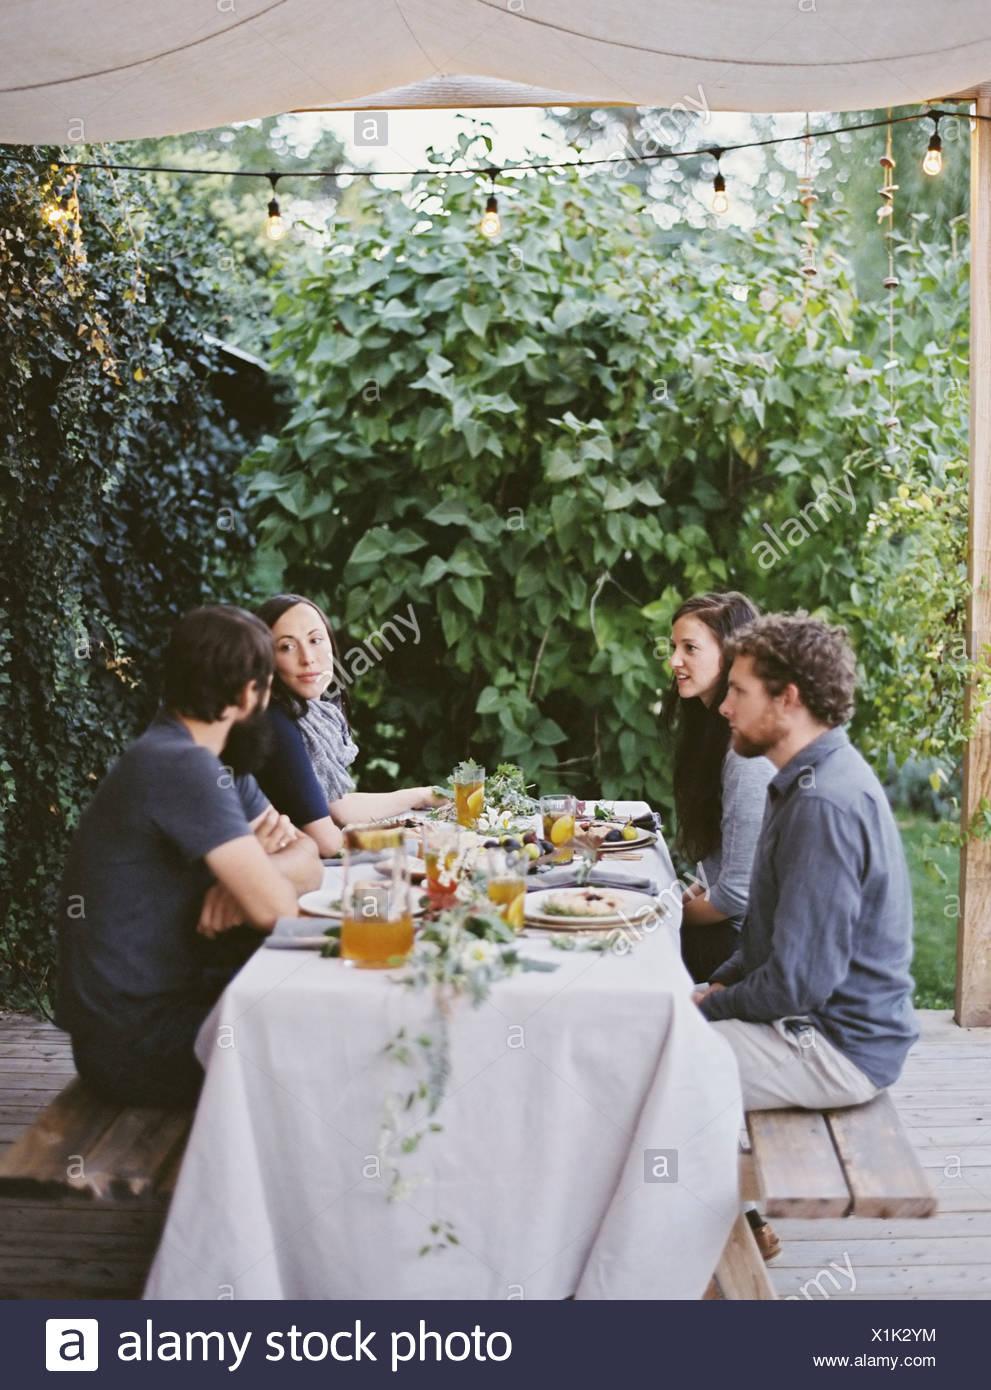 Vier Personen sitzen an einem Tisch im Garten Gedecke und Dekorationen auf ein weißes Tischtuch zwei Männer und zwei Frauen Stockbild